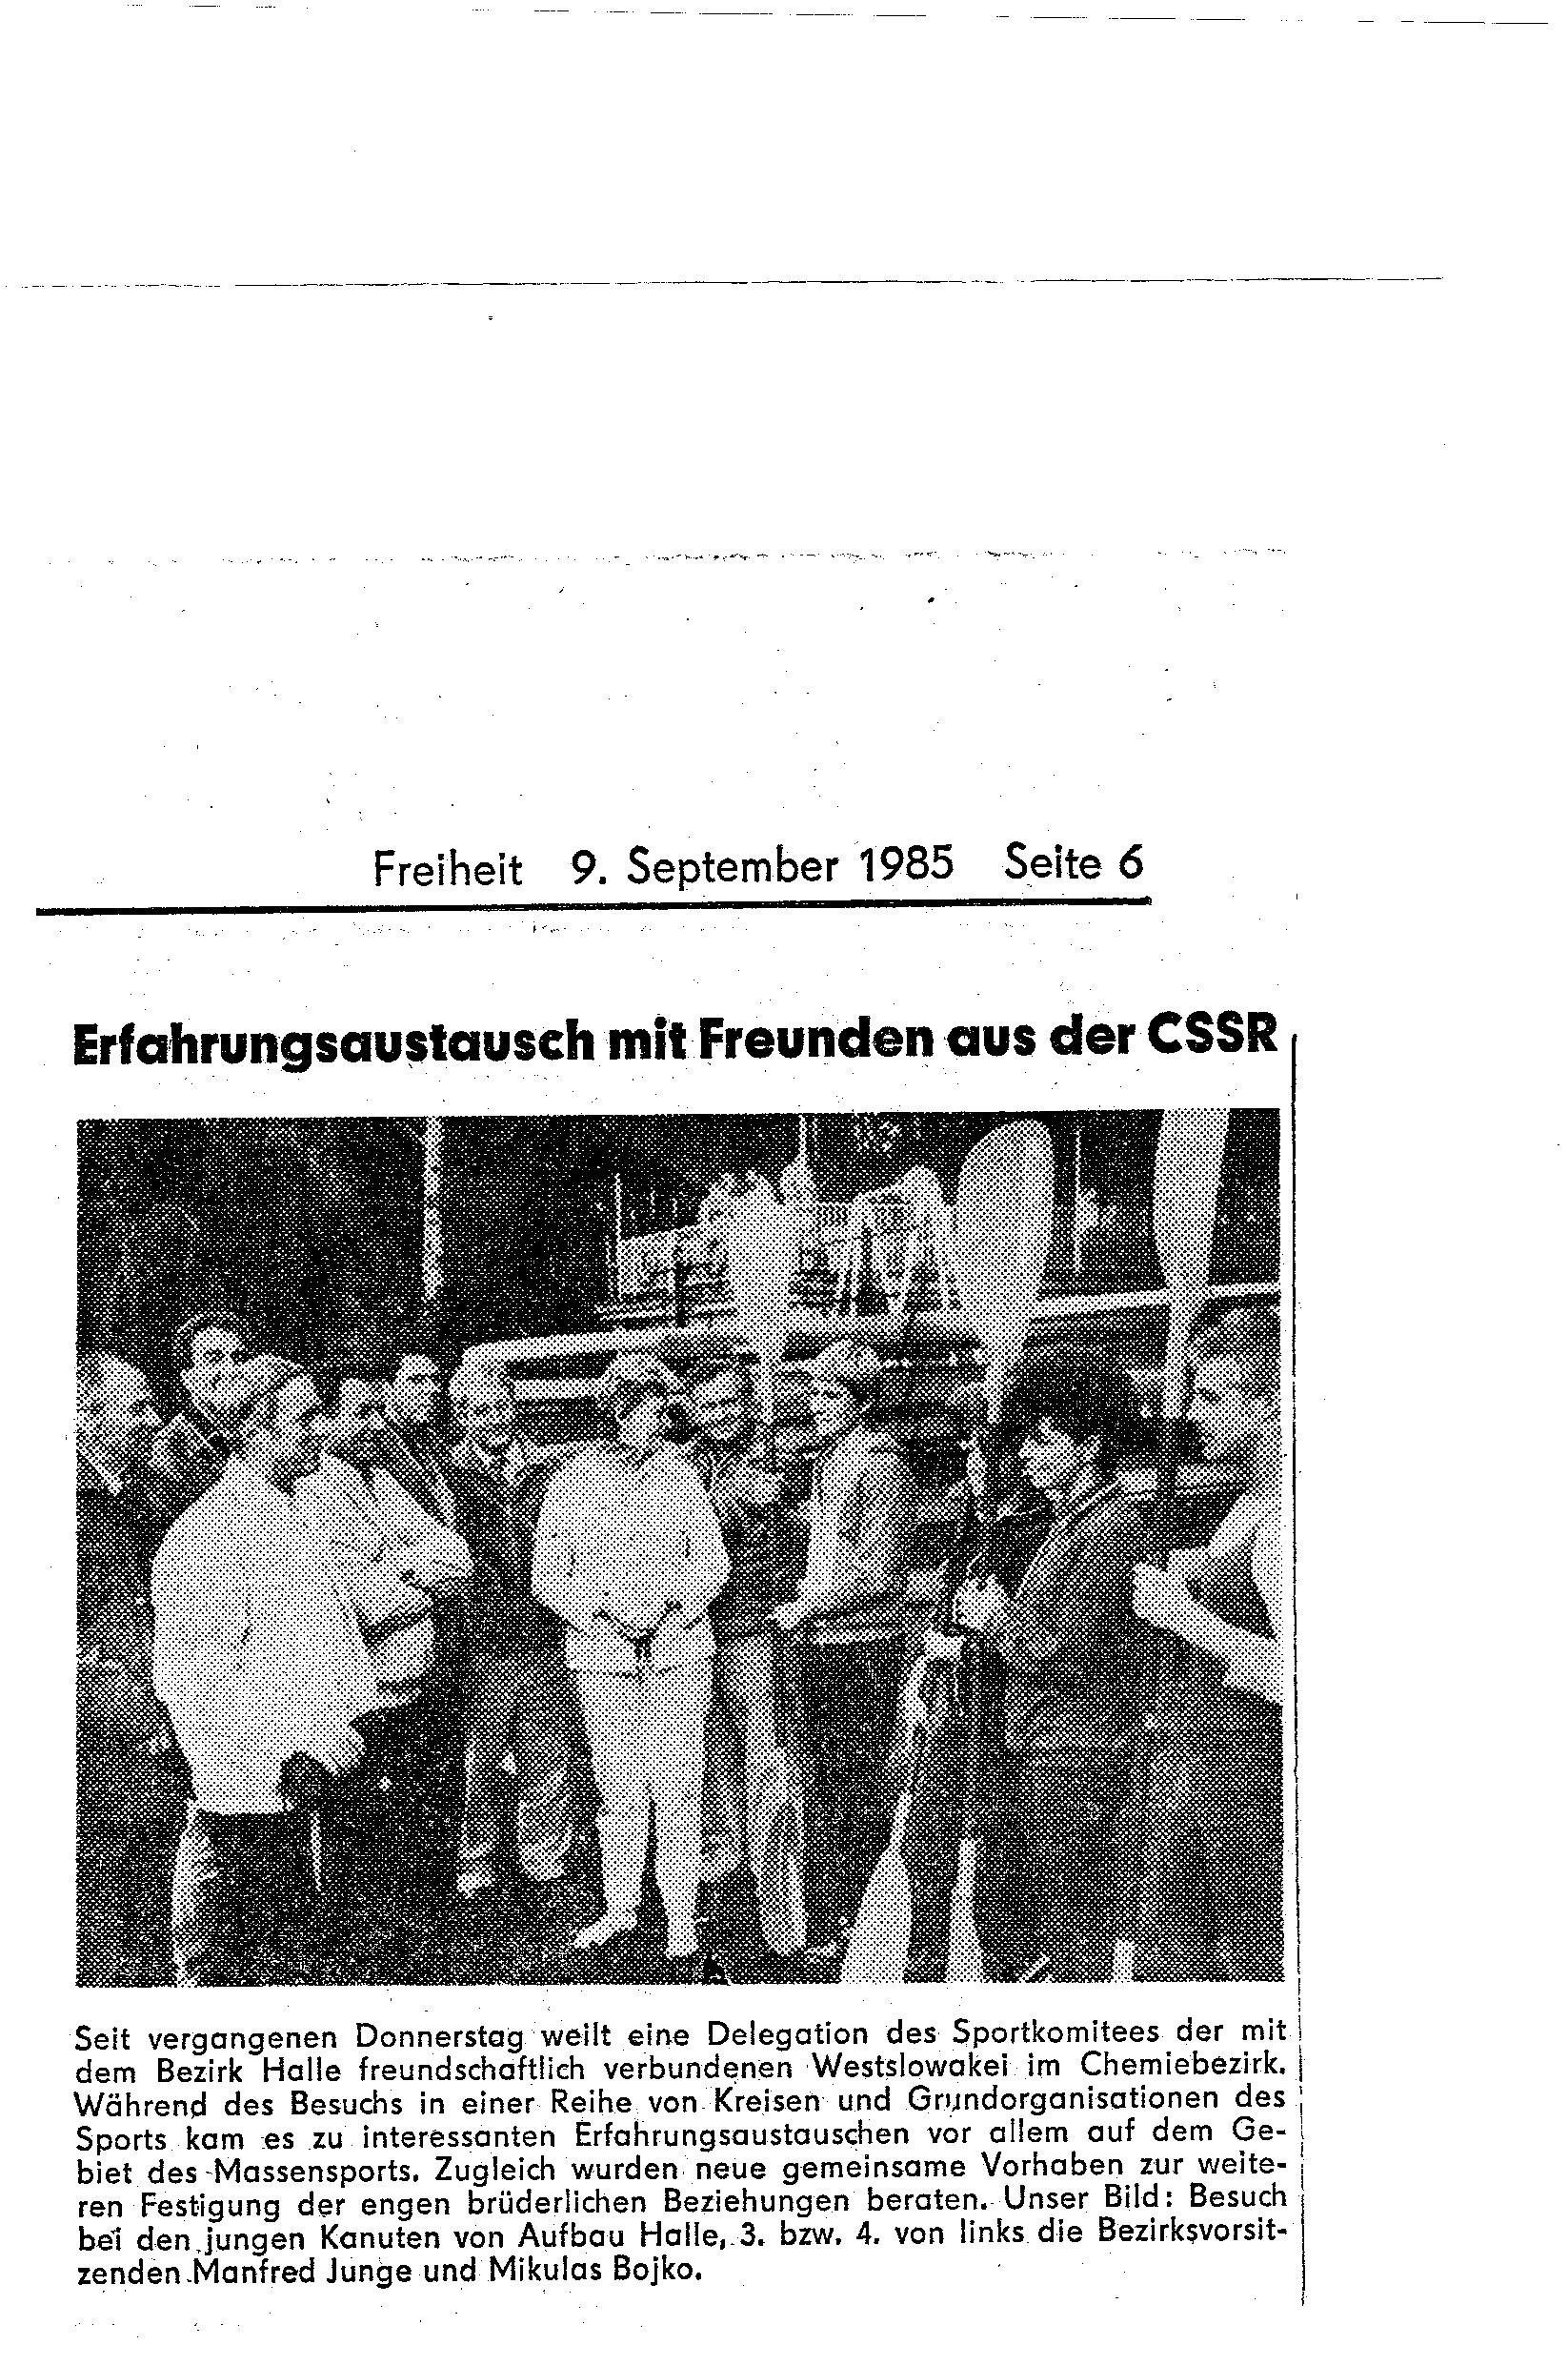 1985-09-09 Freiheit Erfahrungsaustausch mit Freunden aus der CSSR